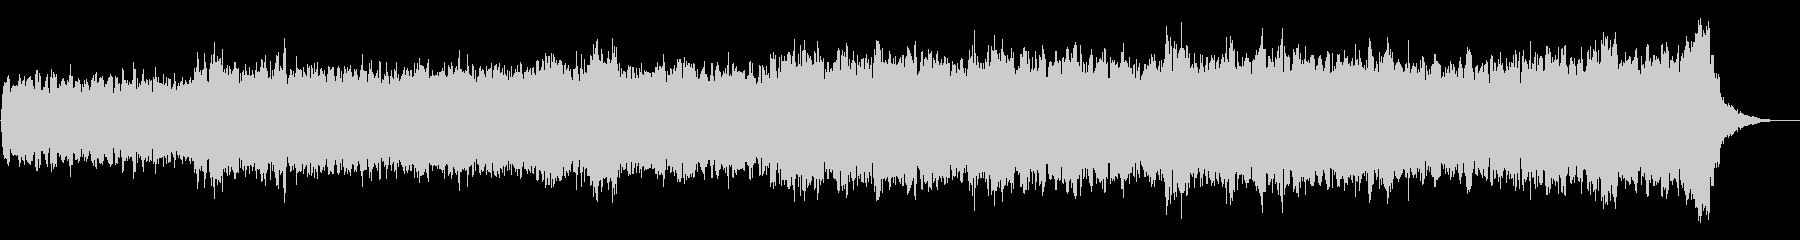 バッハ風4声のパイプオルガンオリジナルの未再生の波形